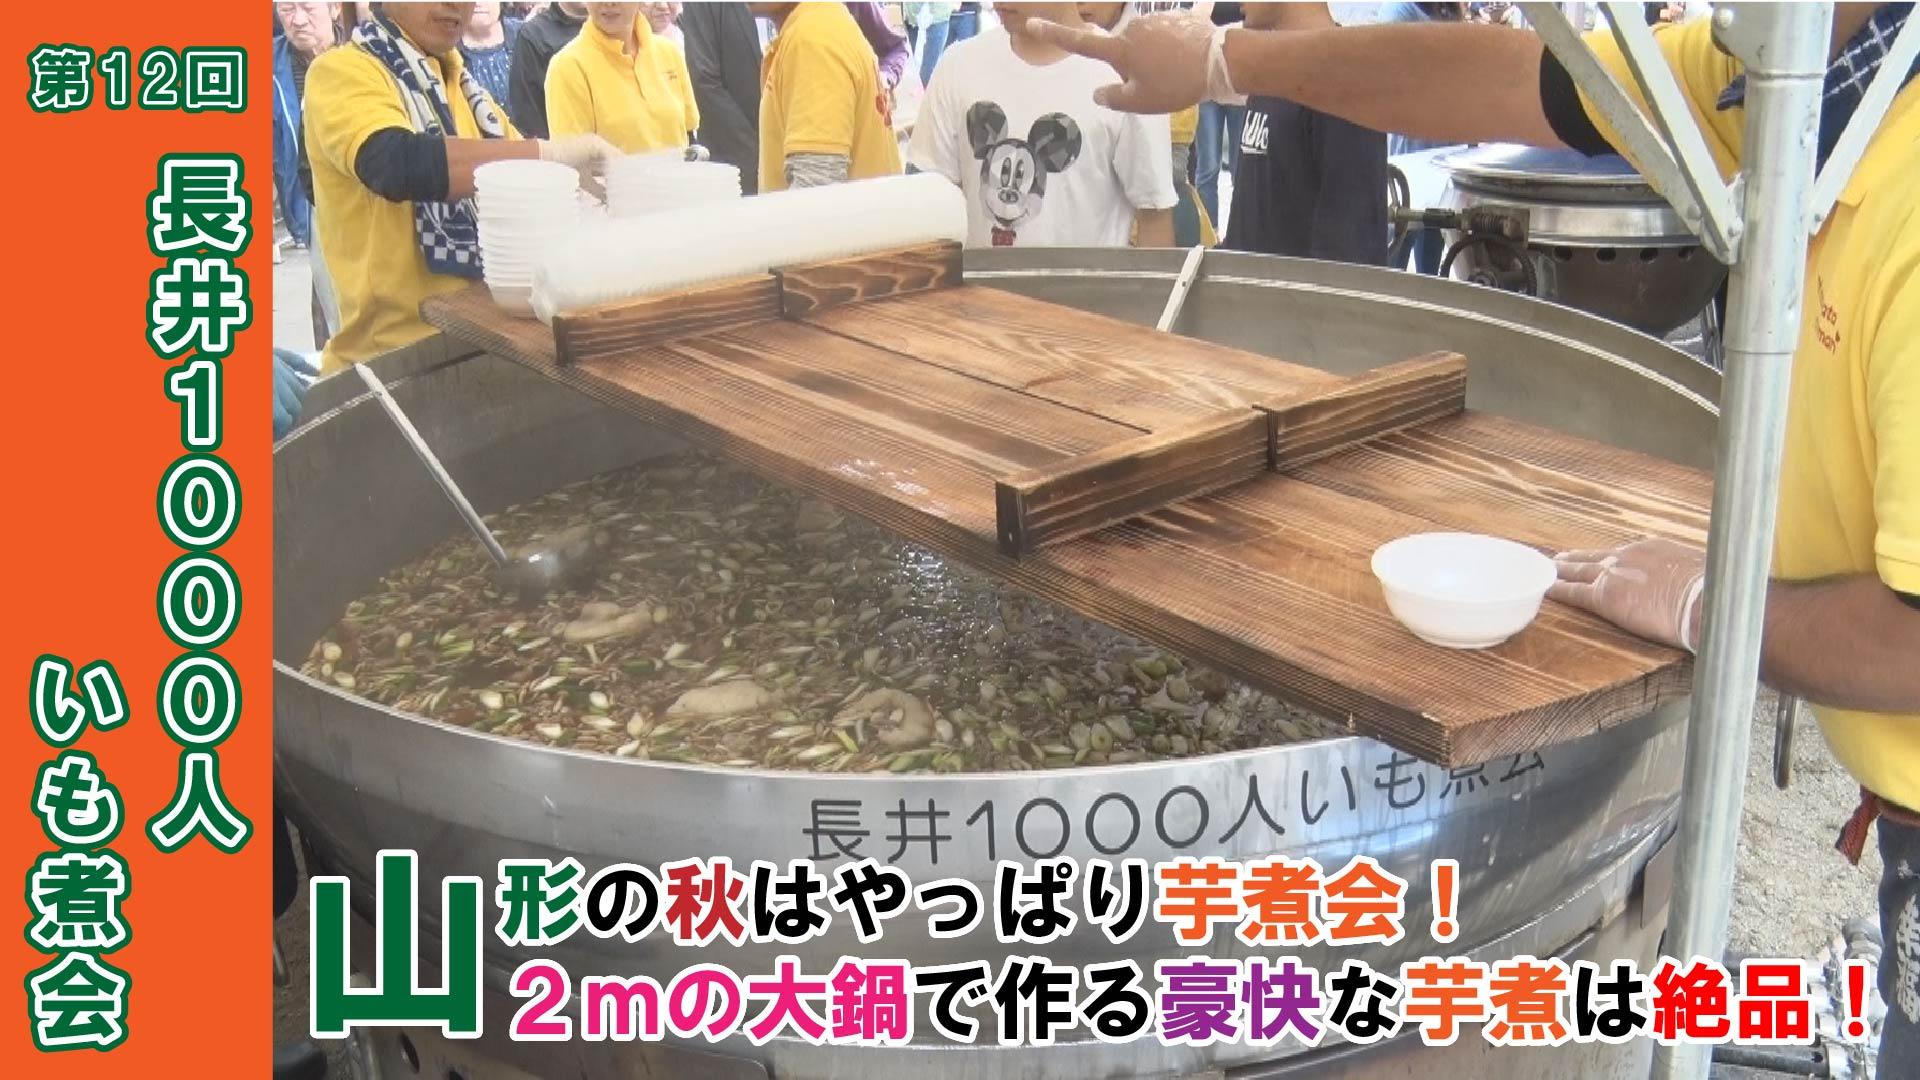 【長井市】第12回長井1000人いも煮会2019(令和元年9月29日):画像